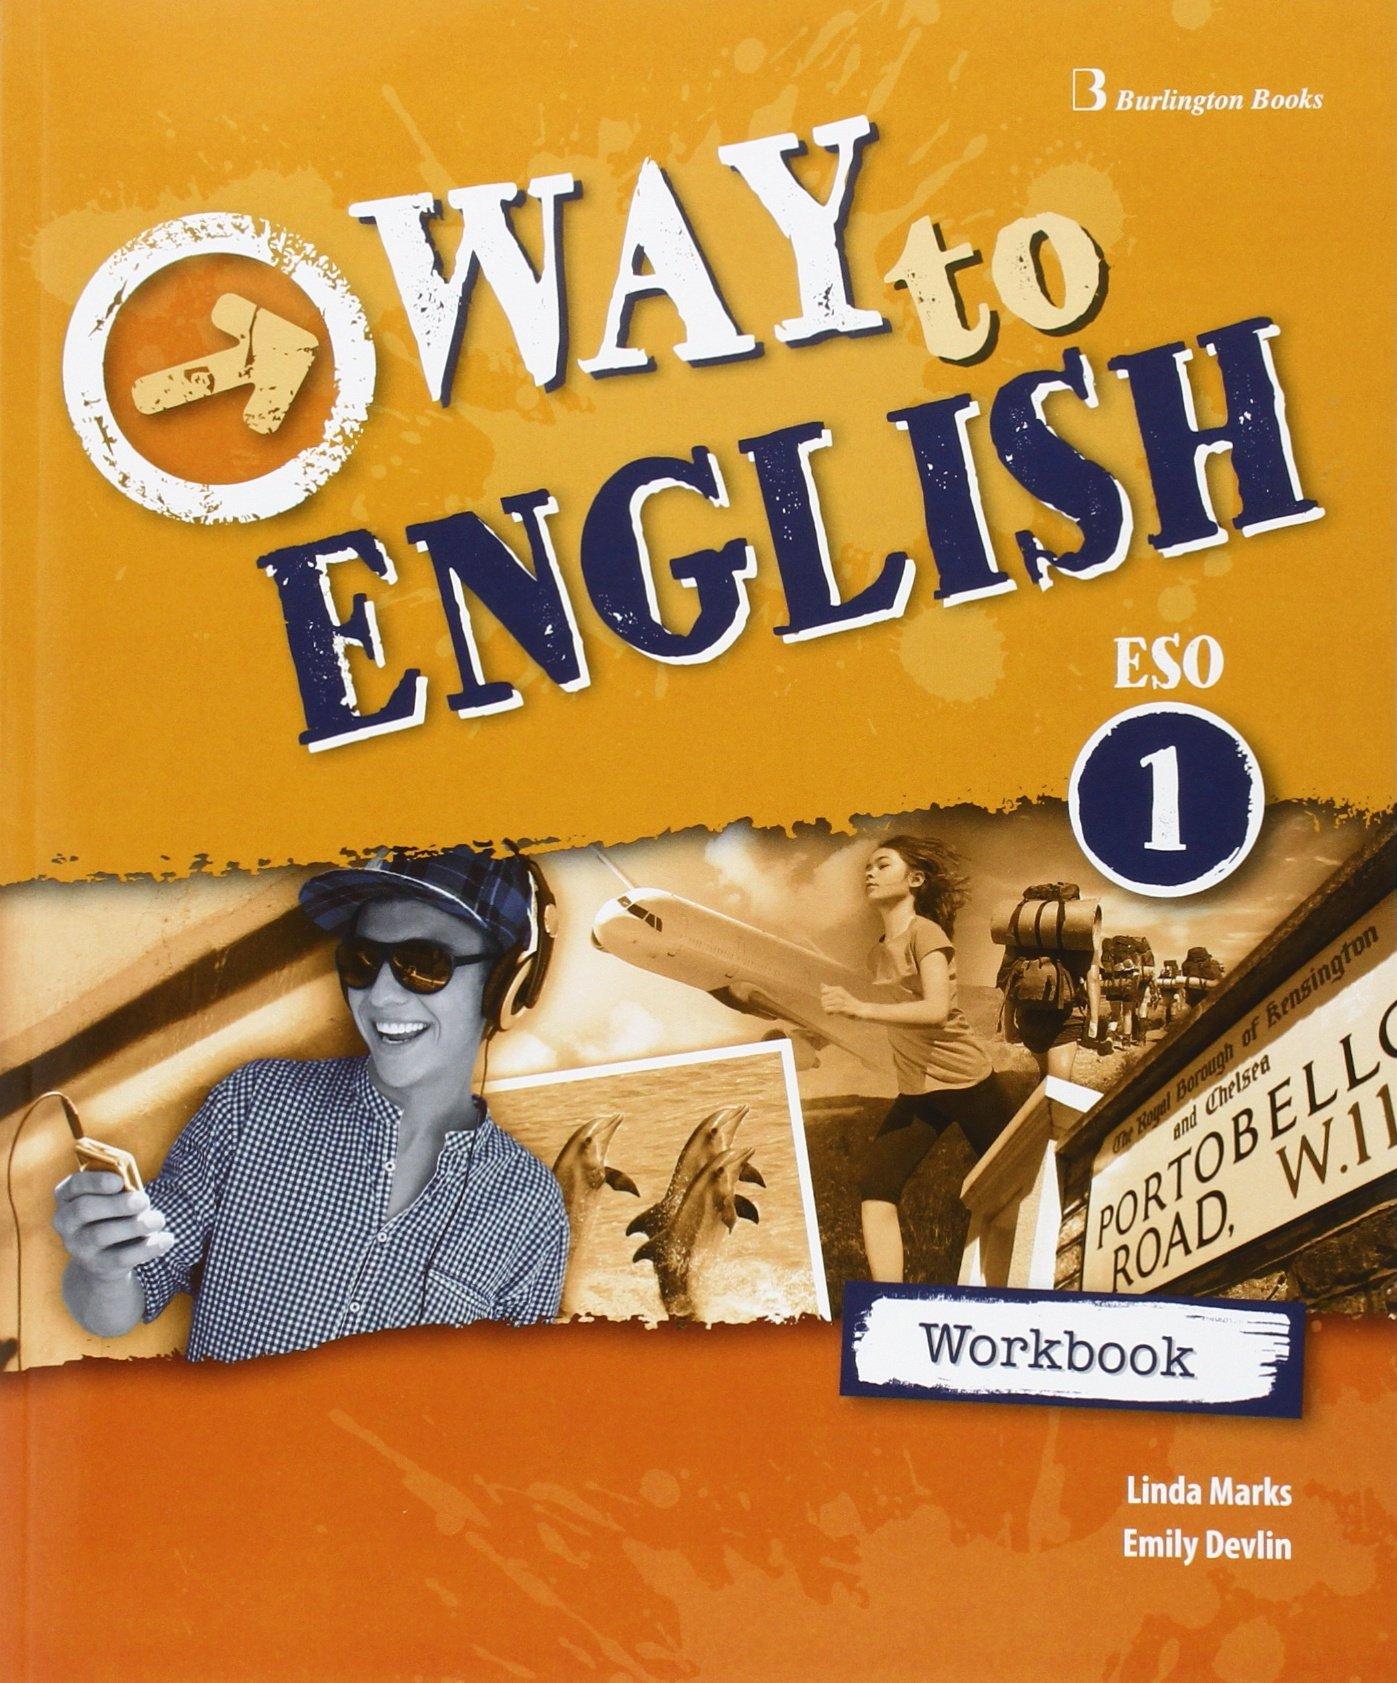 16 way to english 1 eso workbook language builder Tapa blanda 9963516300